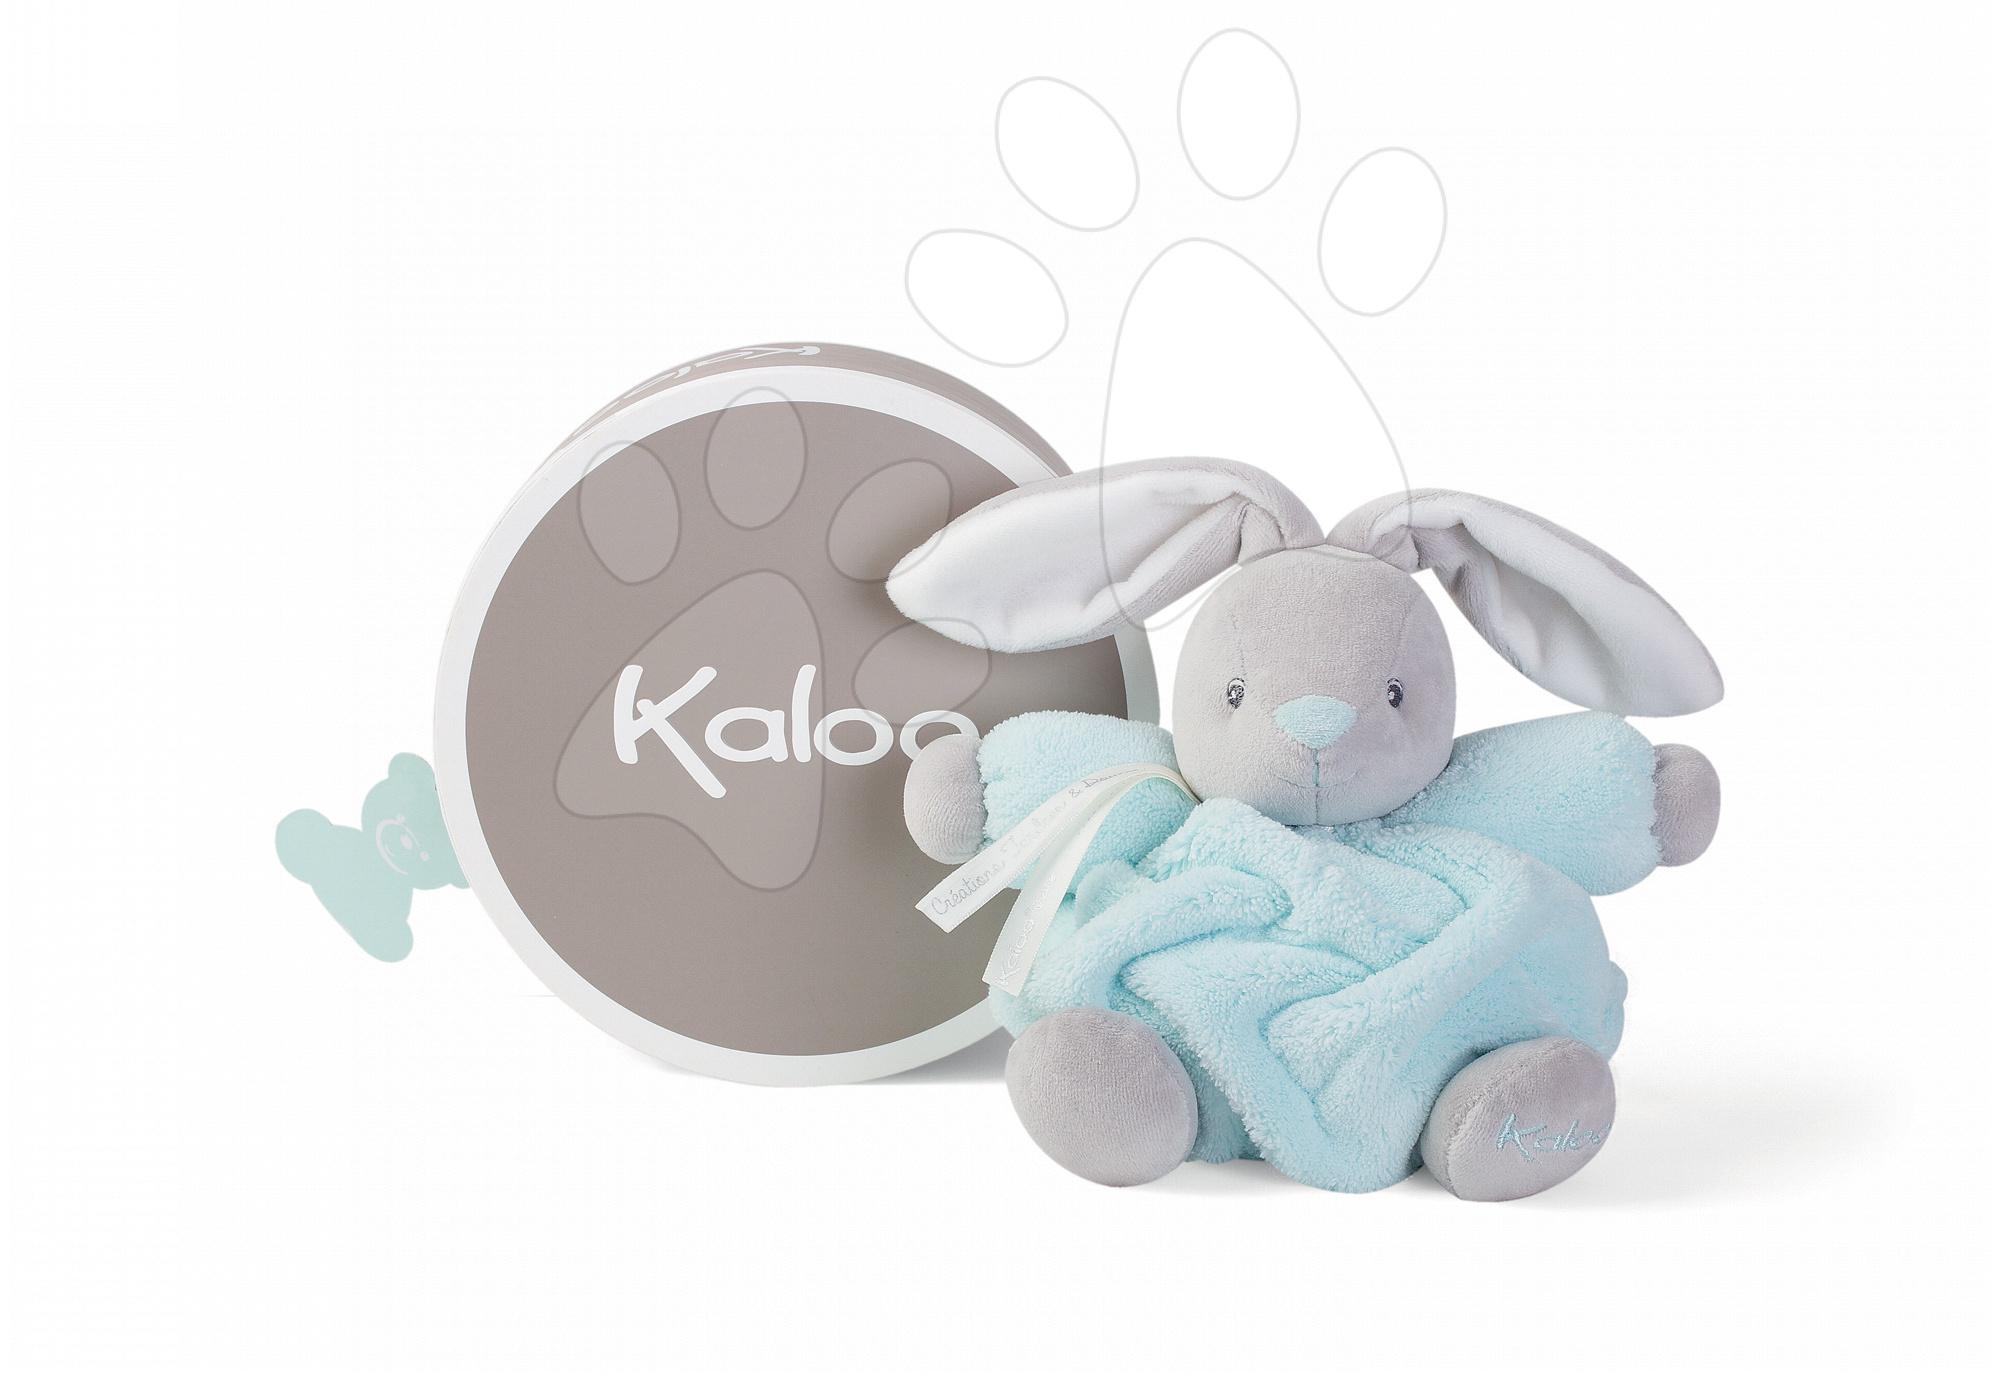 Plyšový zajačik Plume Chubby Kaloo 18 cm v darčekovom balení pre najmenšie deti šedo-akvamarínový